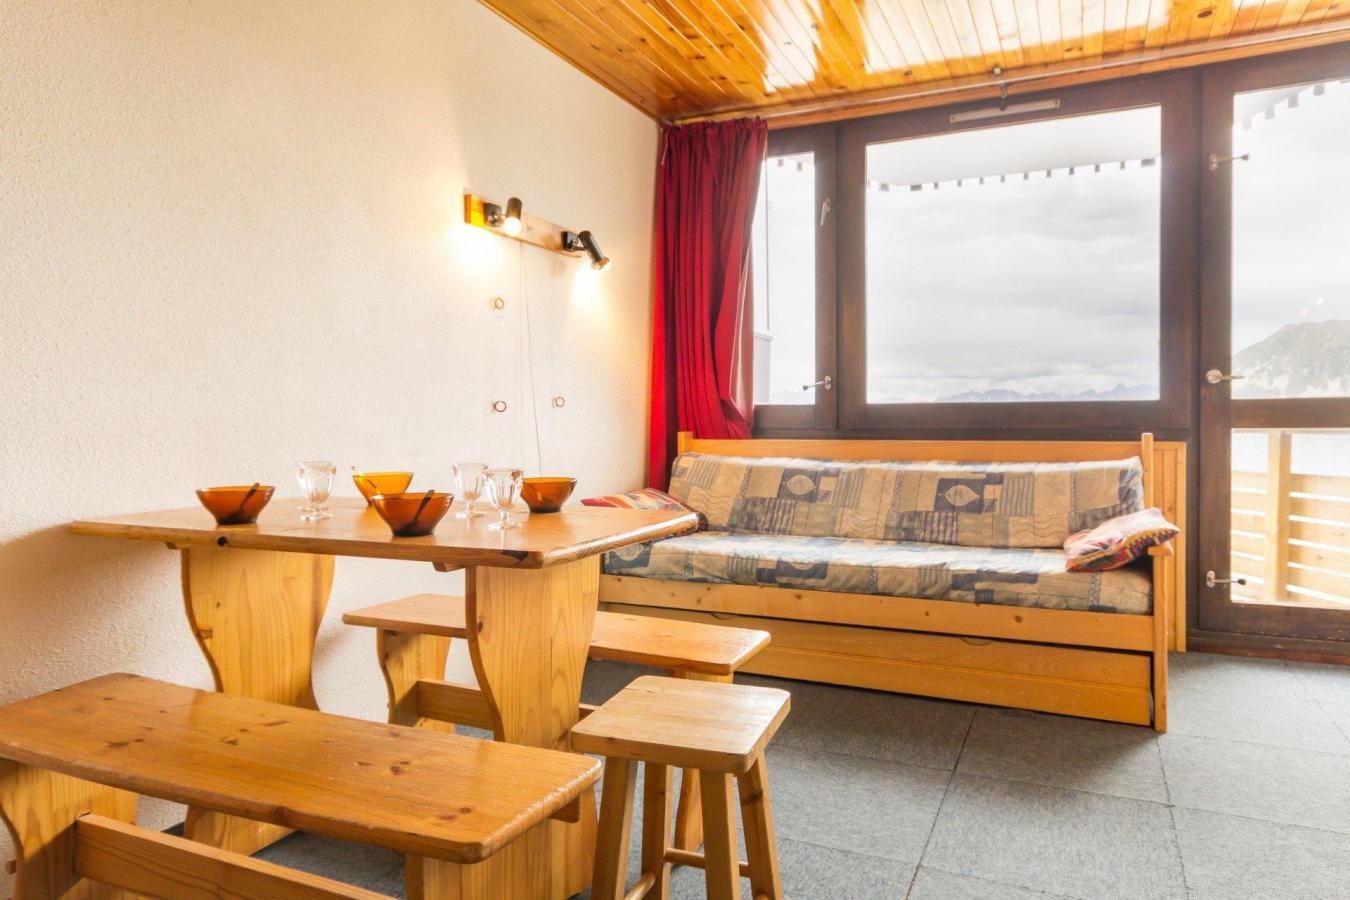 Location au ski Studio 4 personnes (A2L143) - Residence Aime 2000 - Le Diamant - La Plagne - Séjour